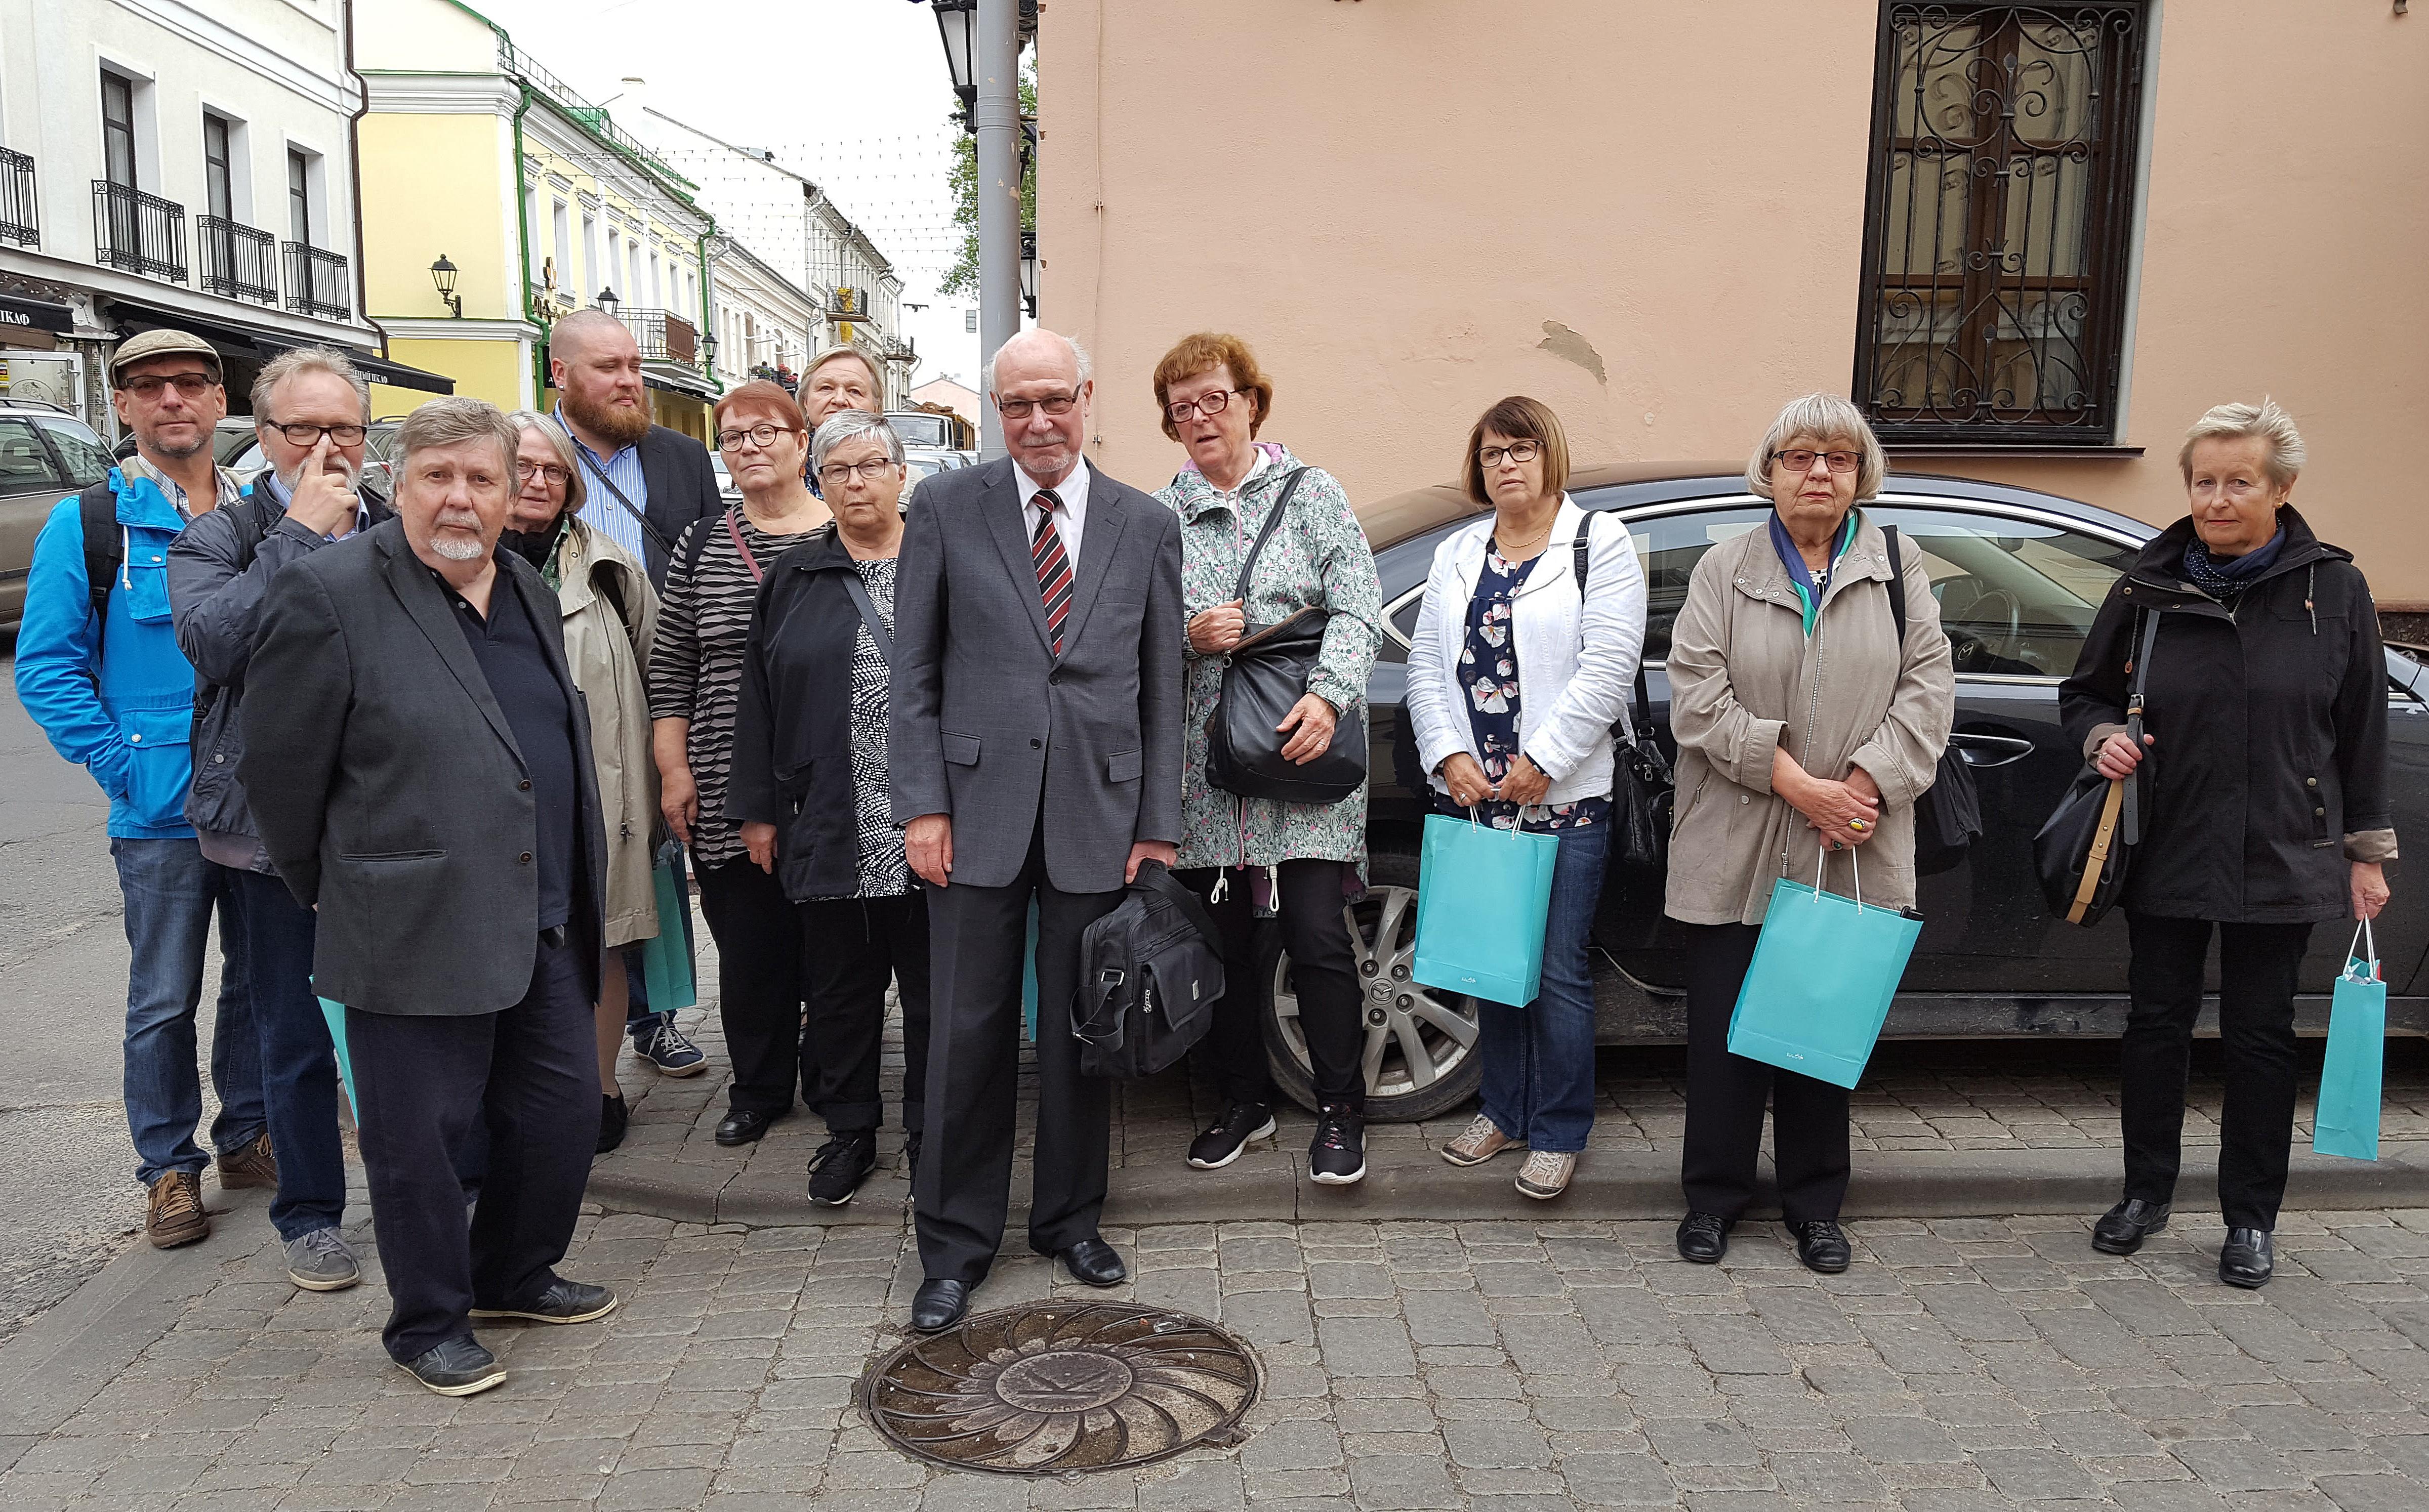 Yleisen Lehtimiesliiton kulttuurimatkan osanottajia Ruotsin Minskin lähetystön edustalla.